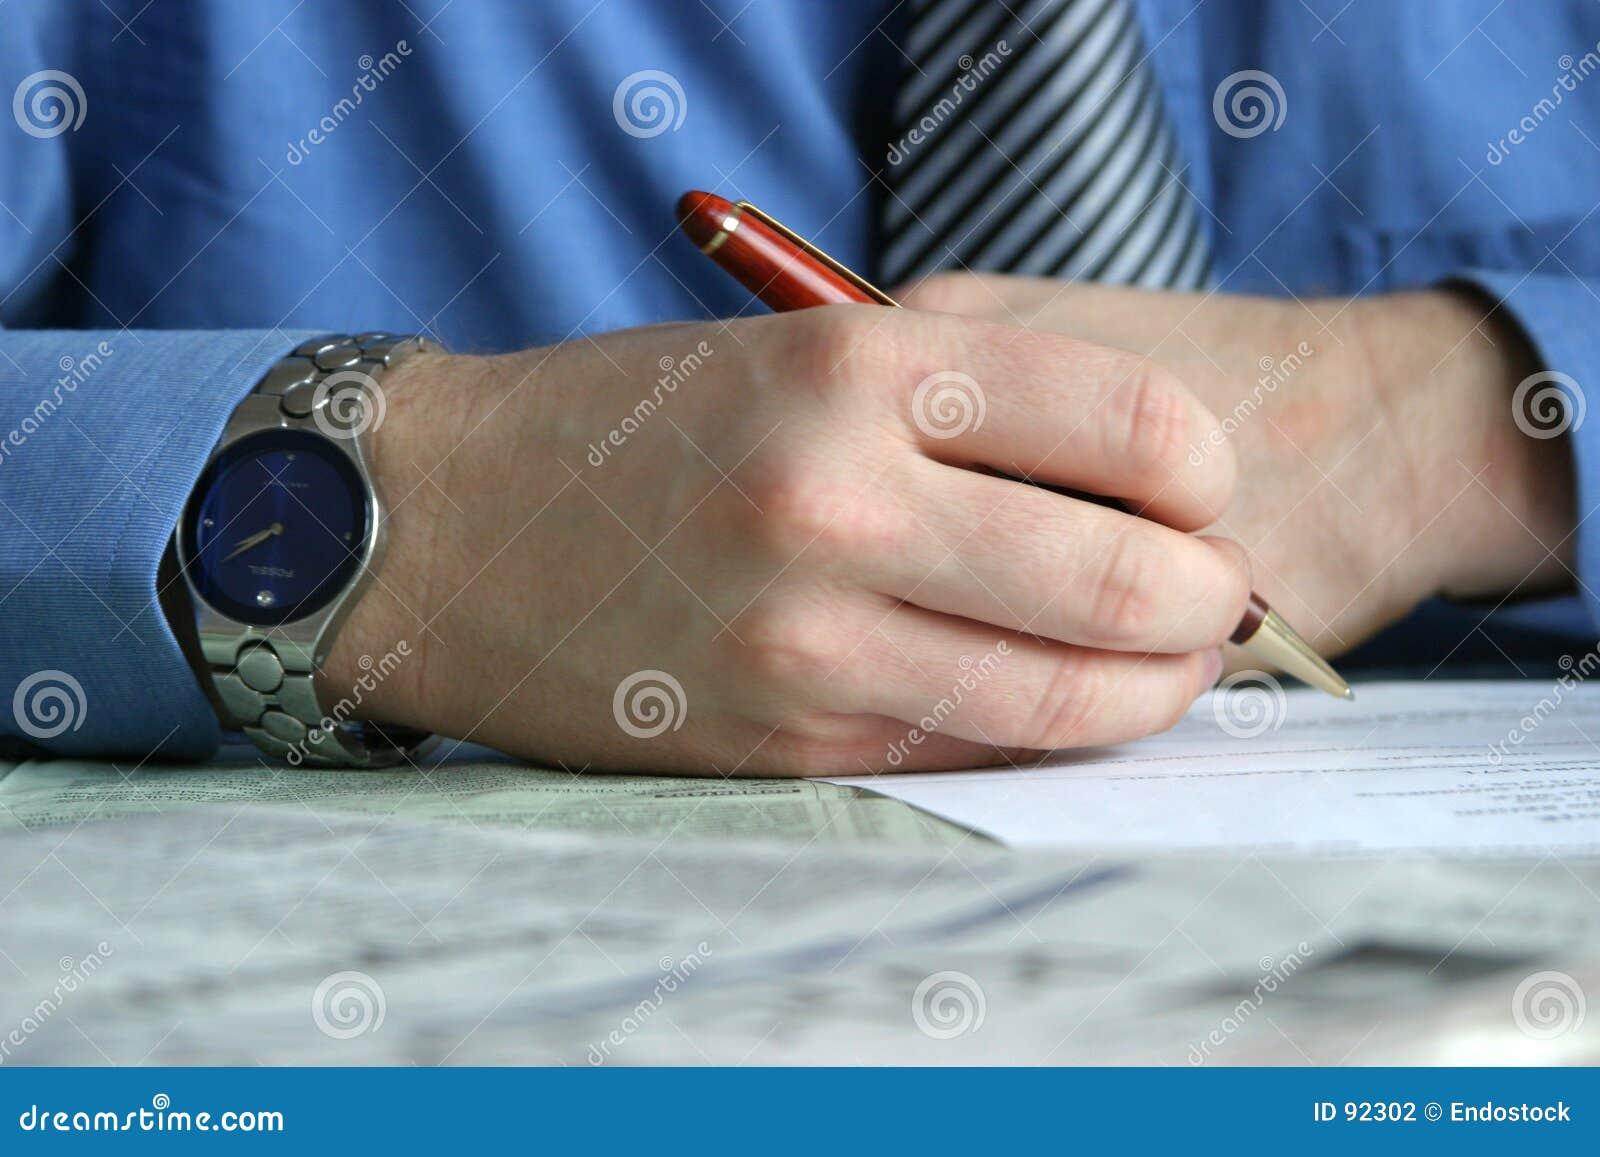 Underteckning för avtalsavtalshand